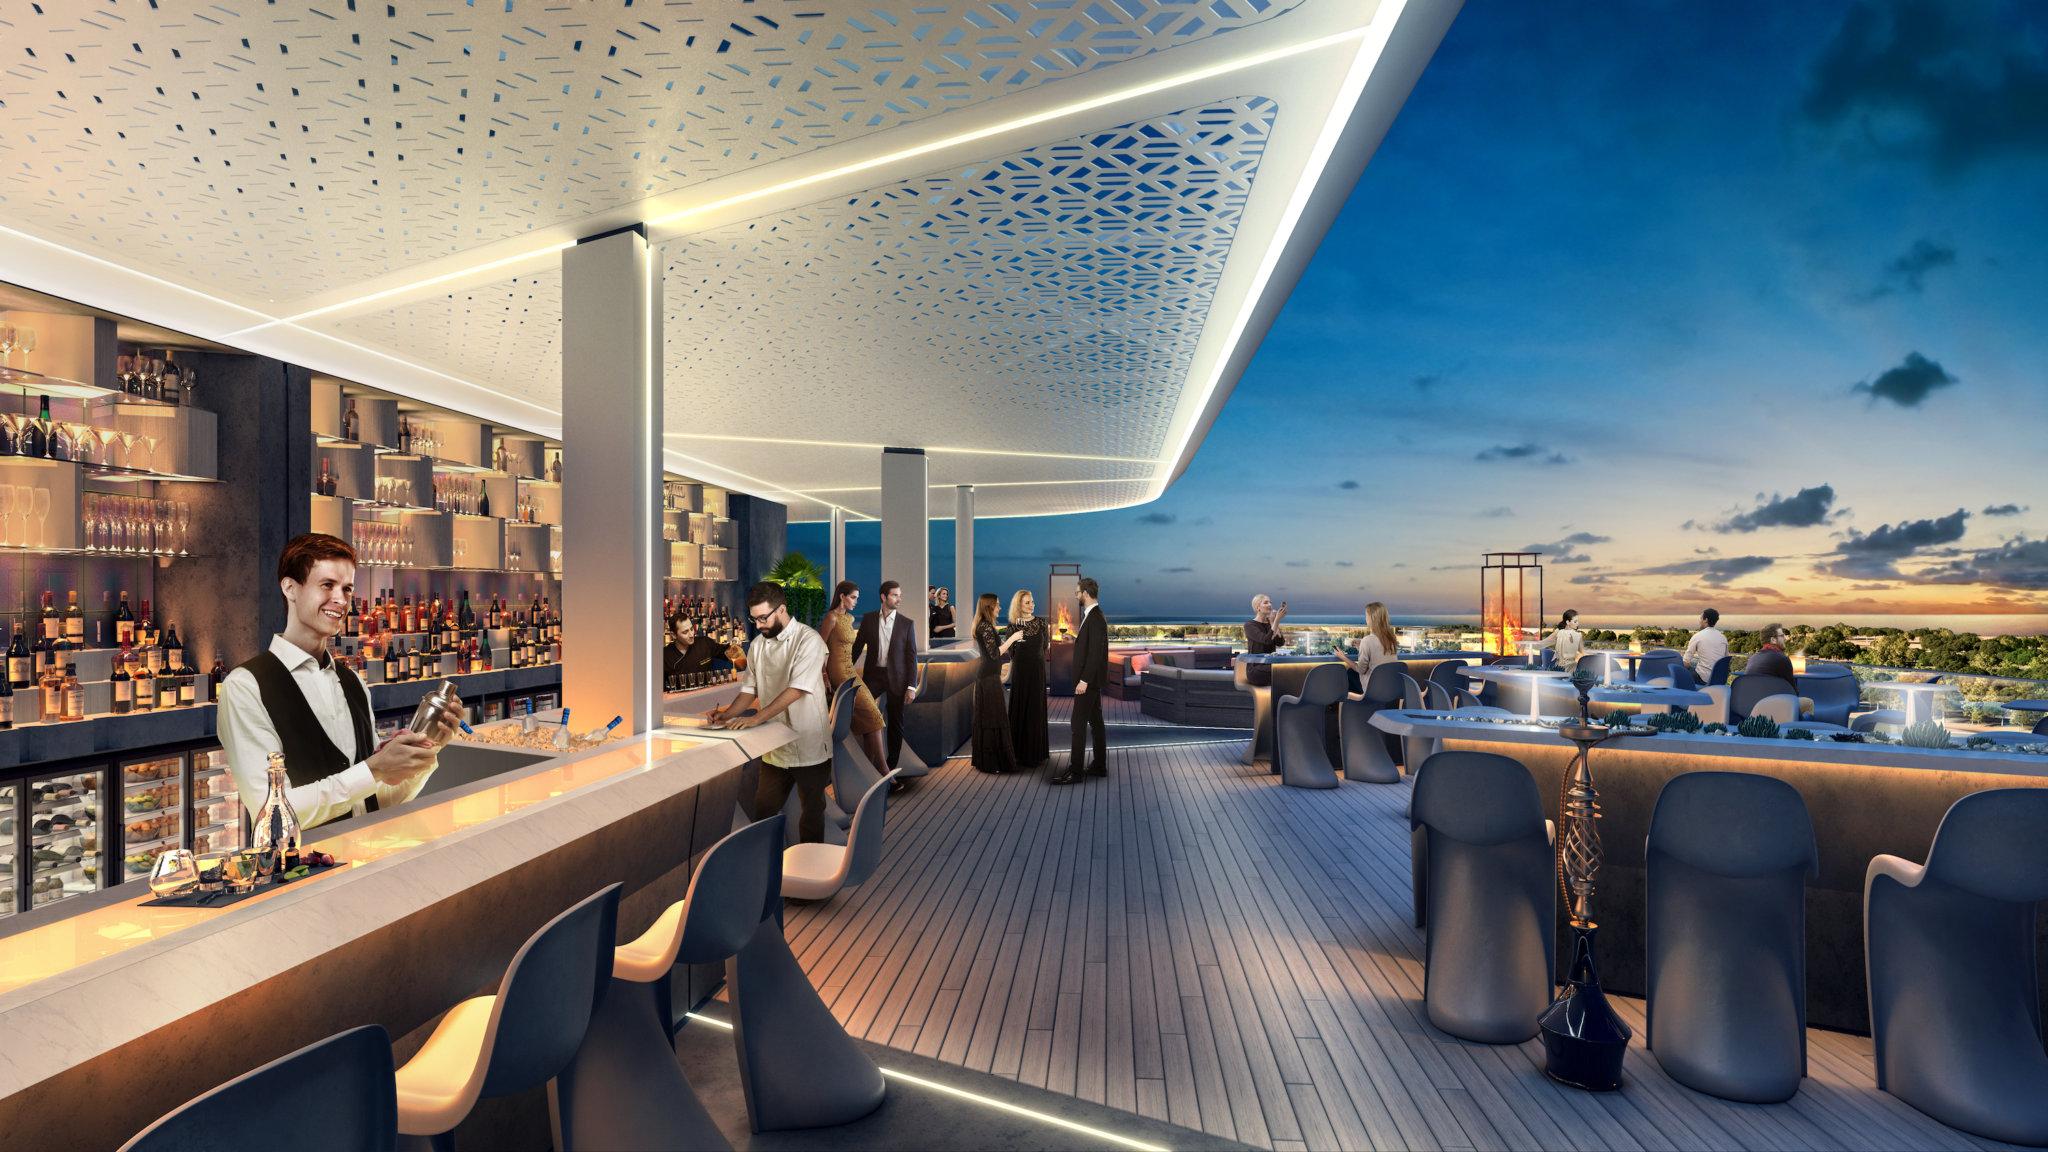 Rooftop Bar design visualisation